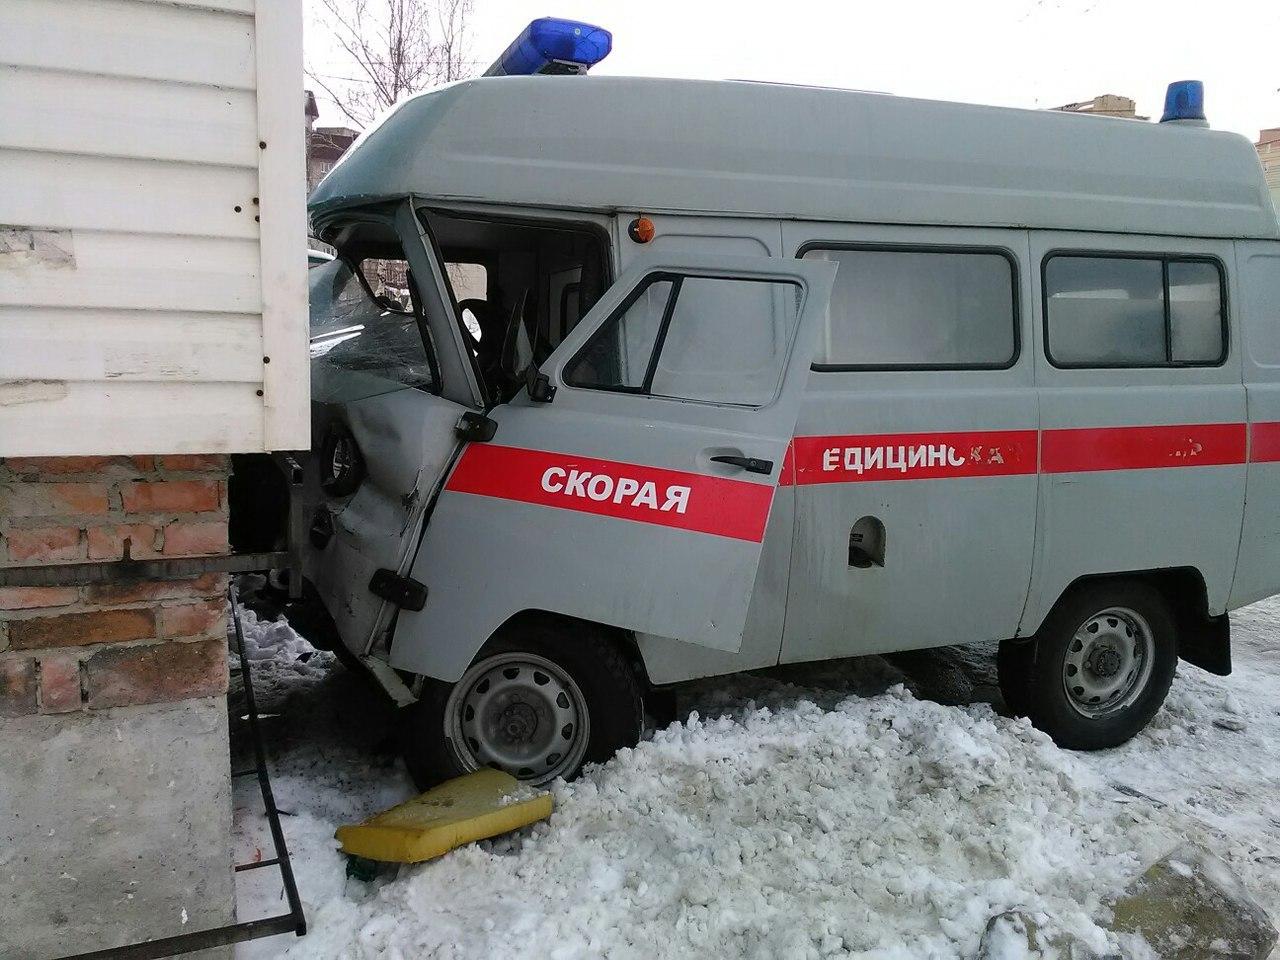 ВУльяновске карета скорой помощи врезалась в дом